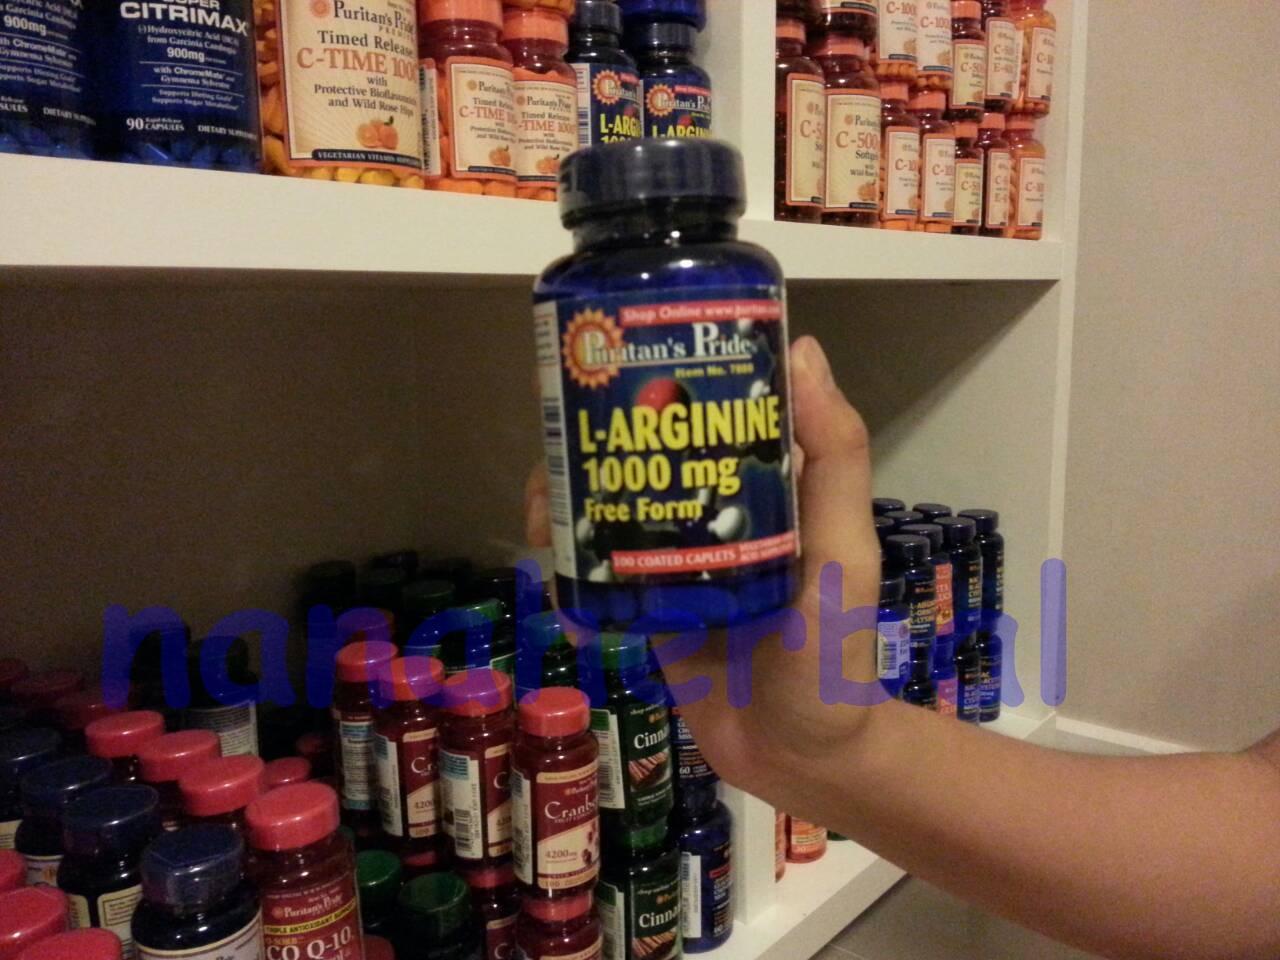 L-Arginine 1000 mg.